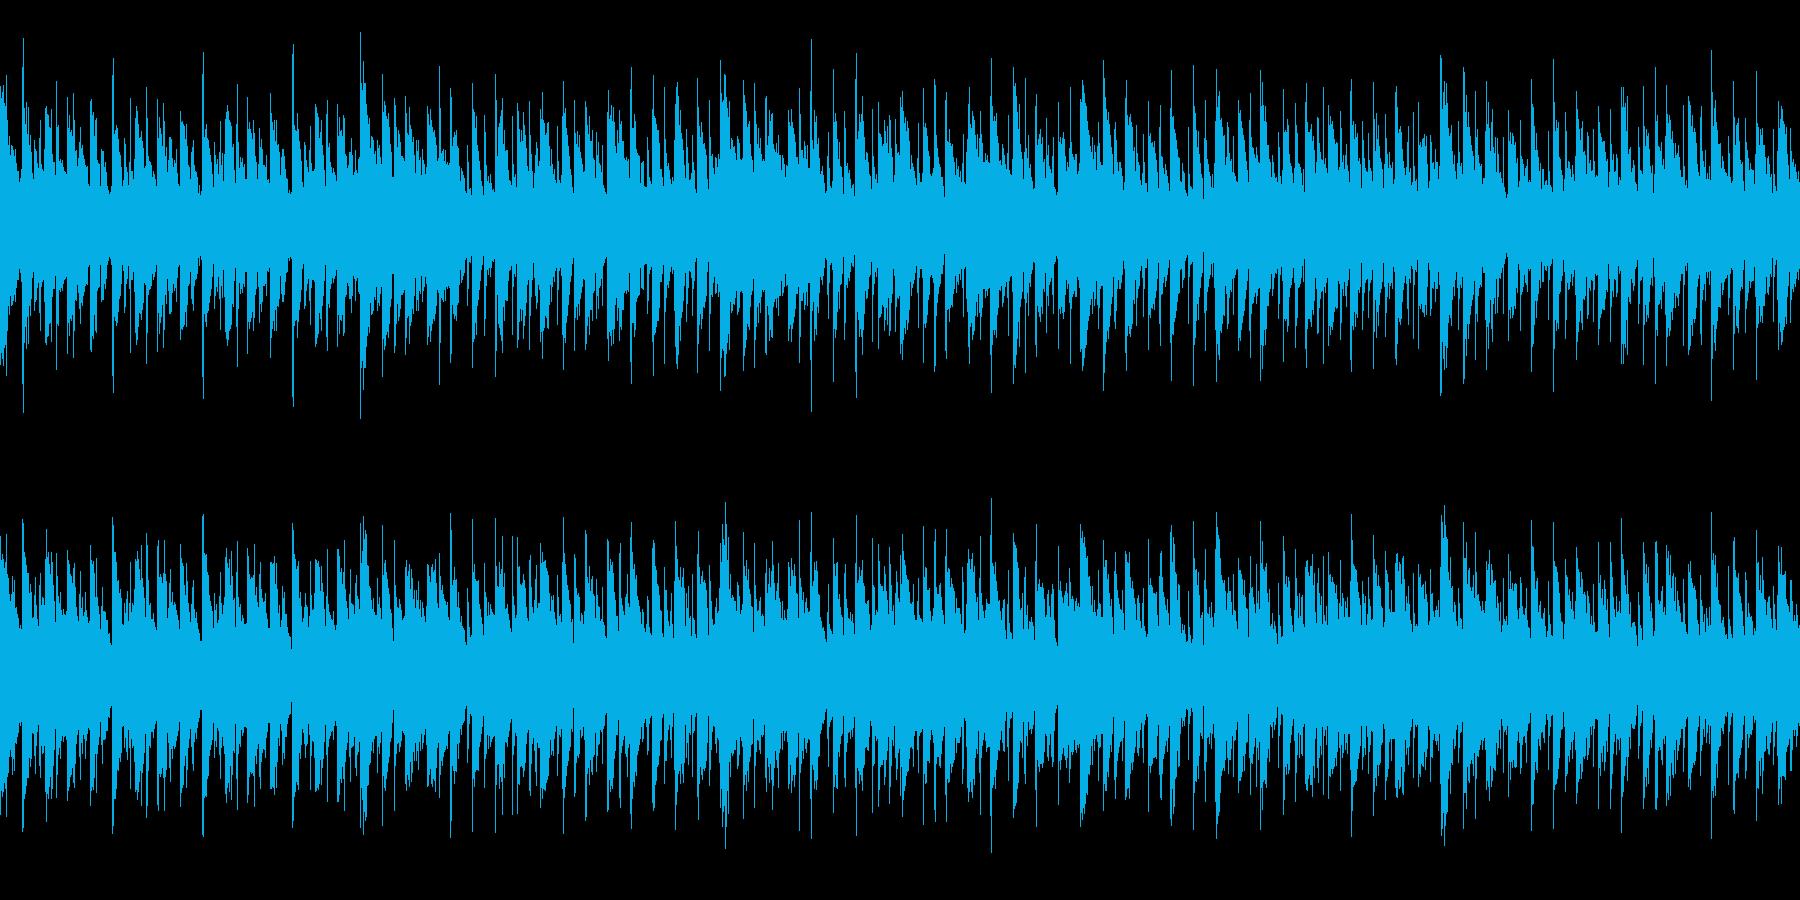 ハウス系楽曲(ループ仕様)の再生済みの波形